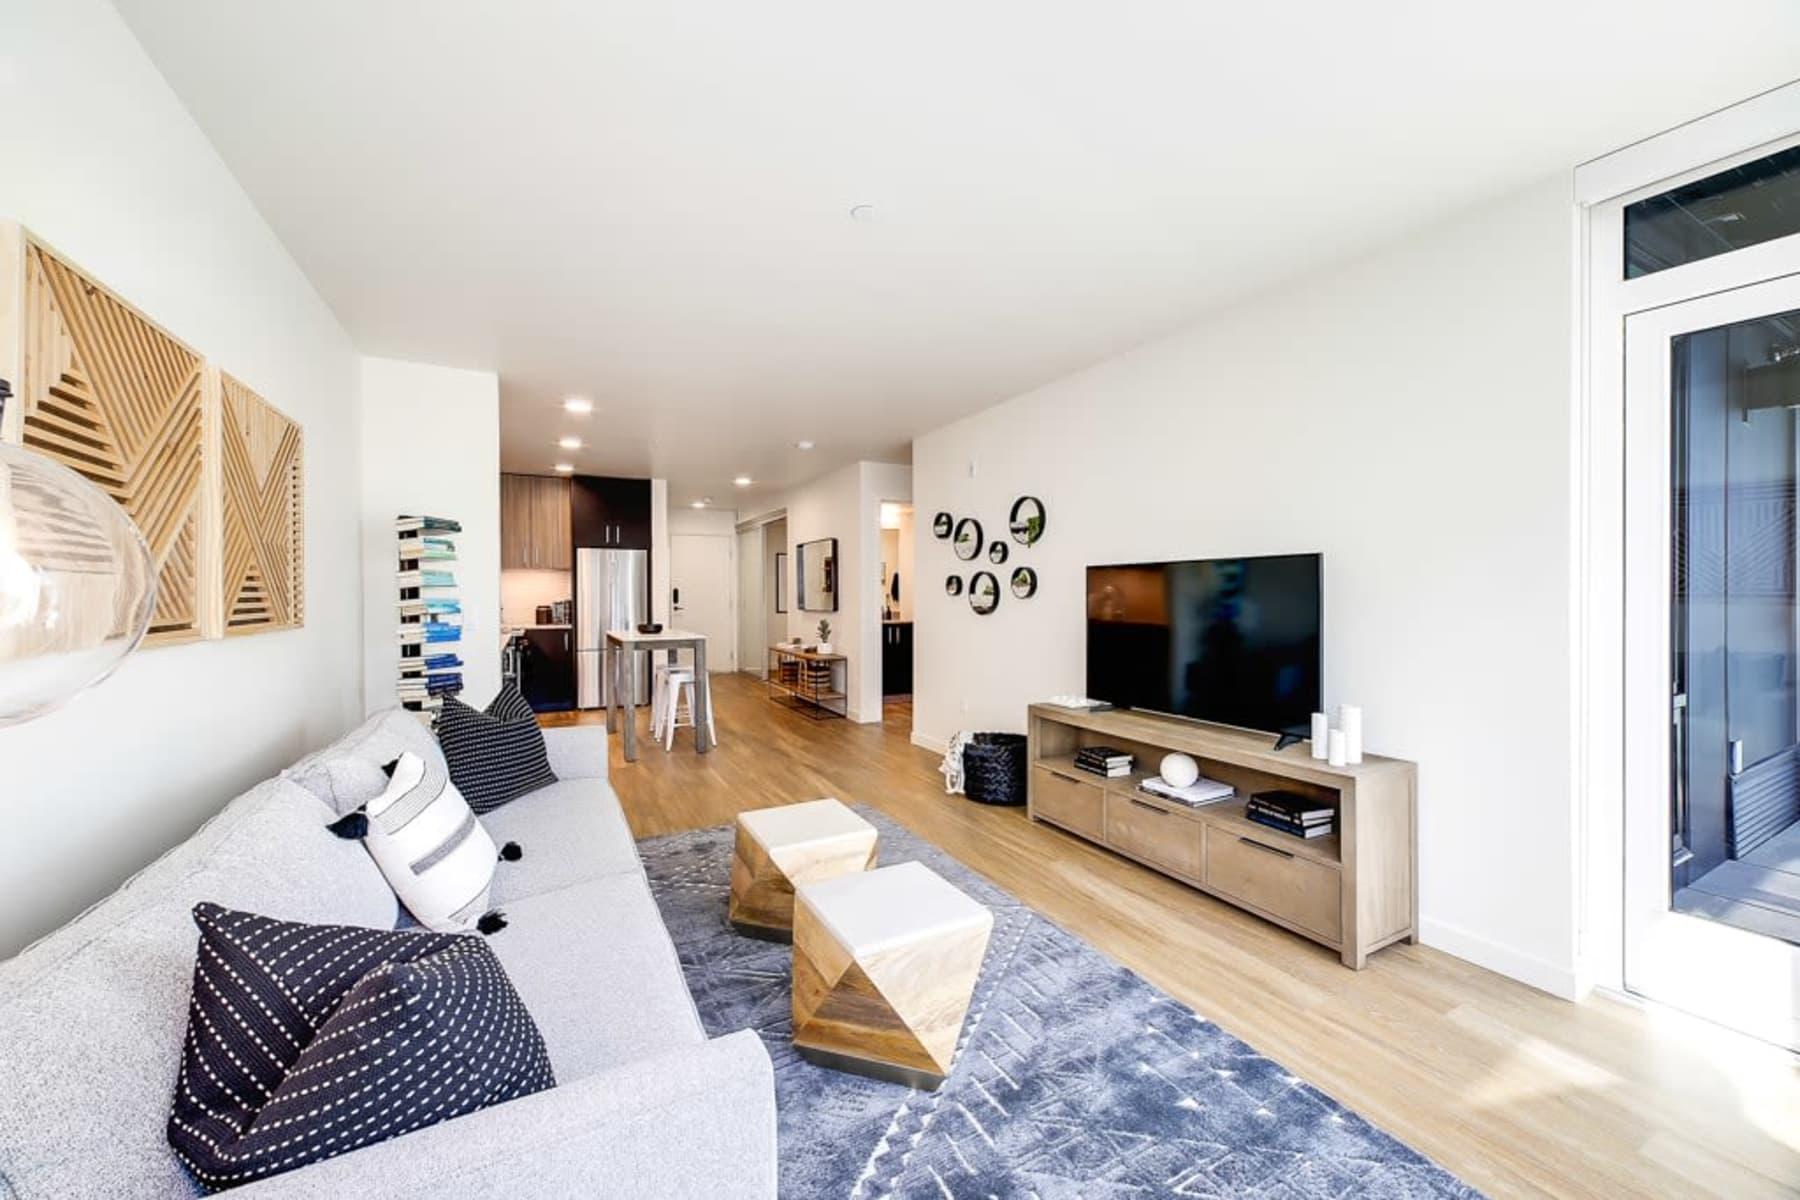 Living Room at Blackbird in Redmond, Washington